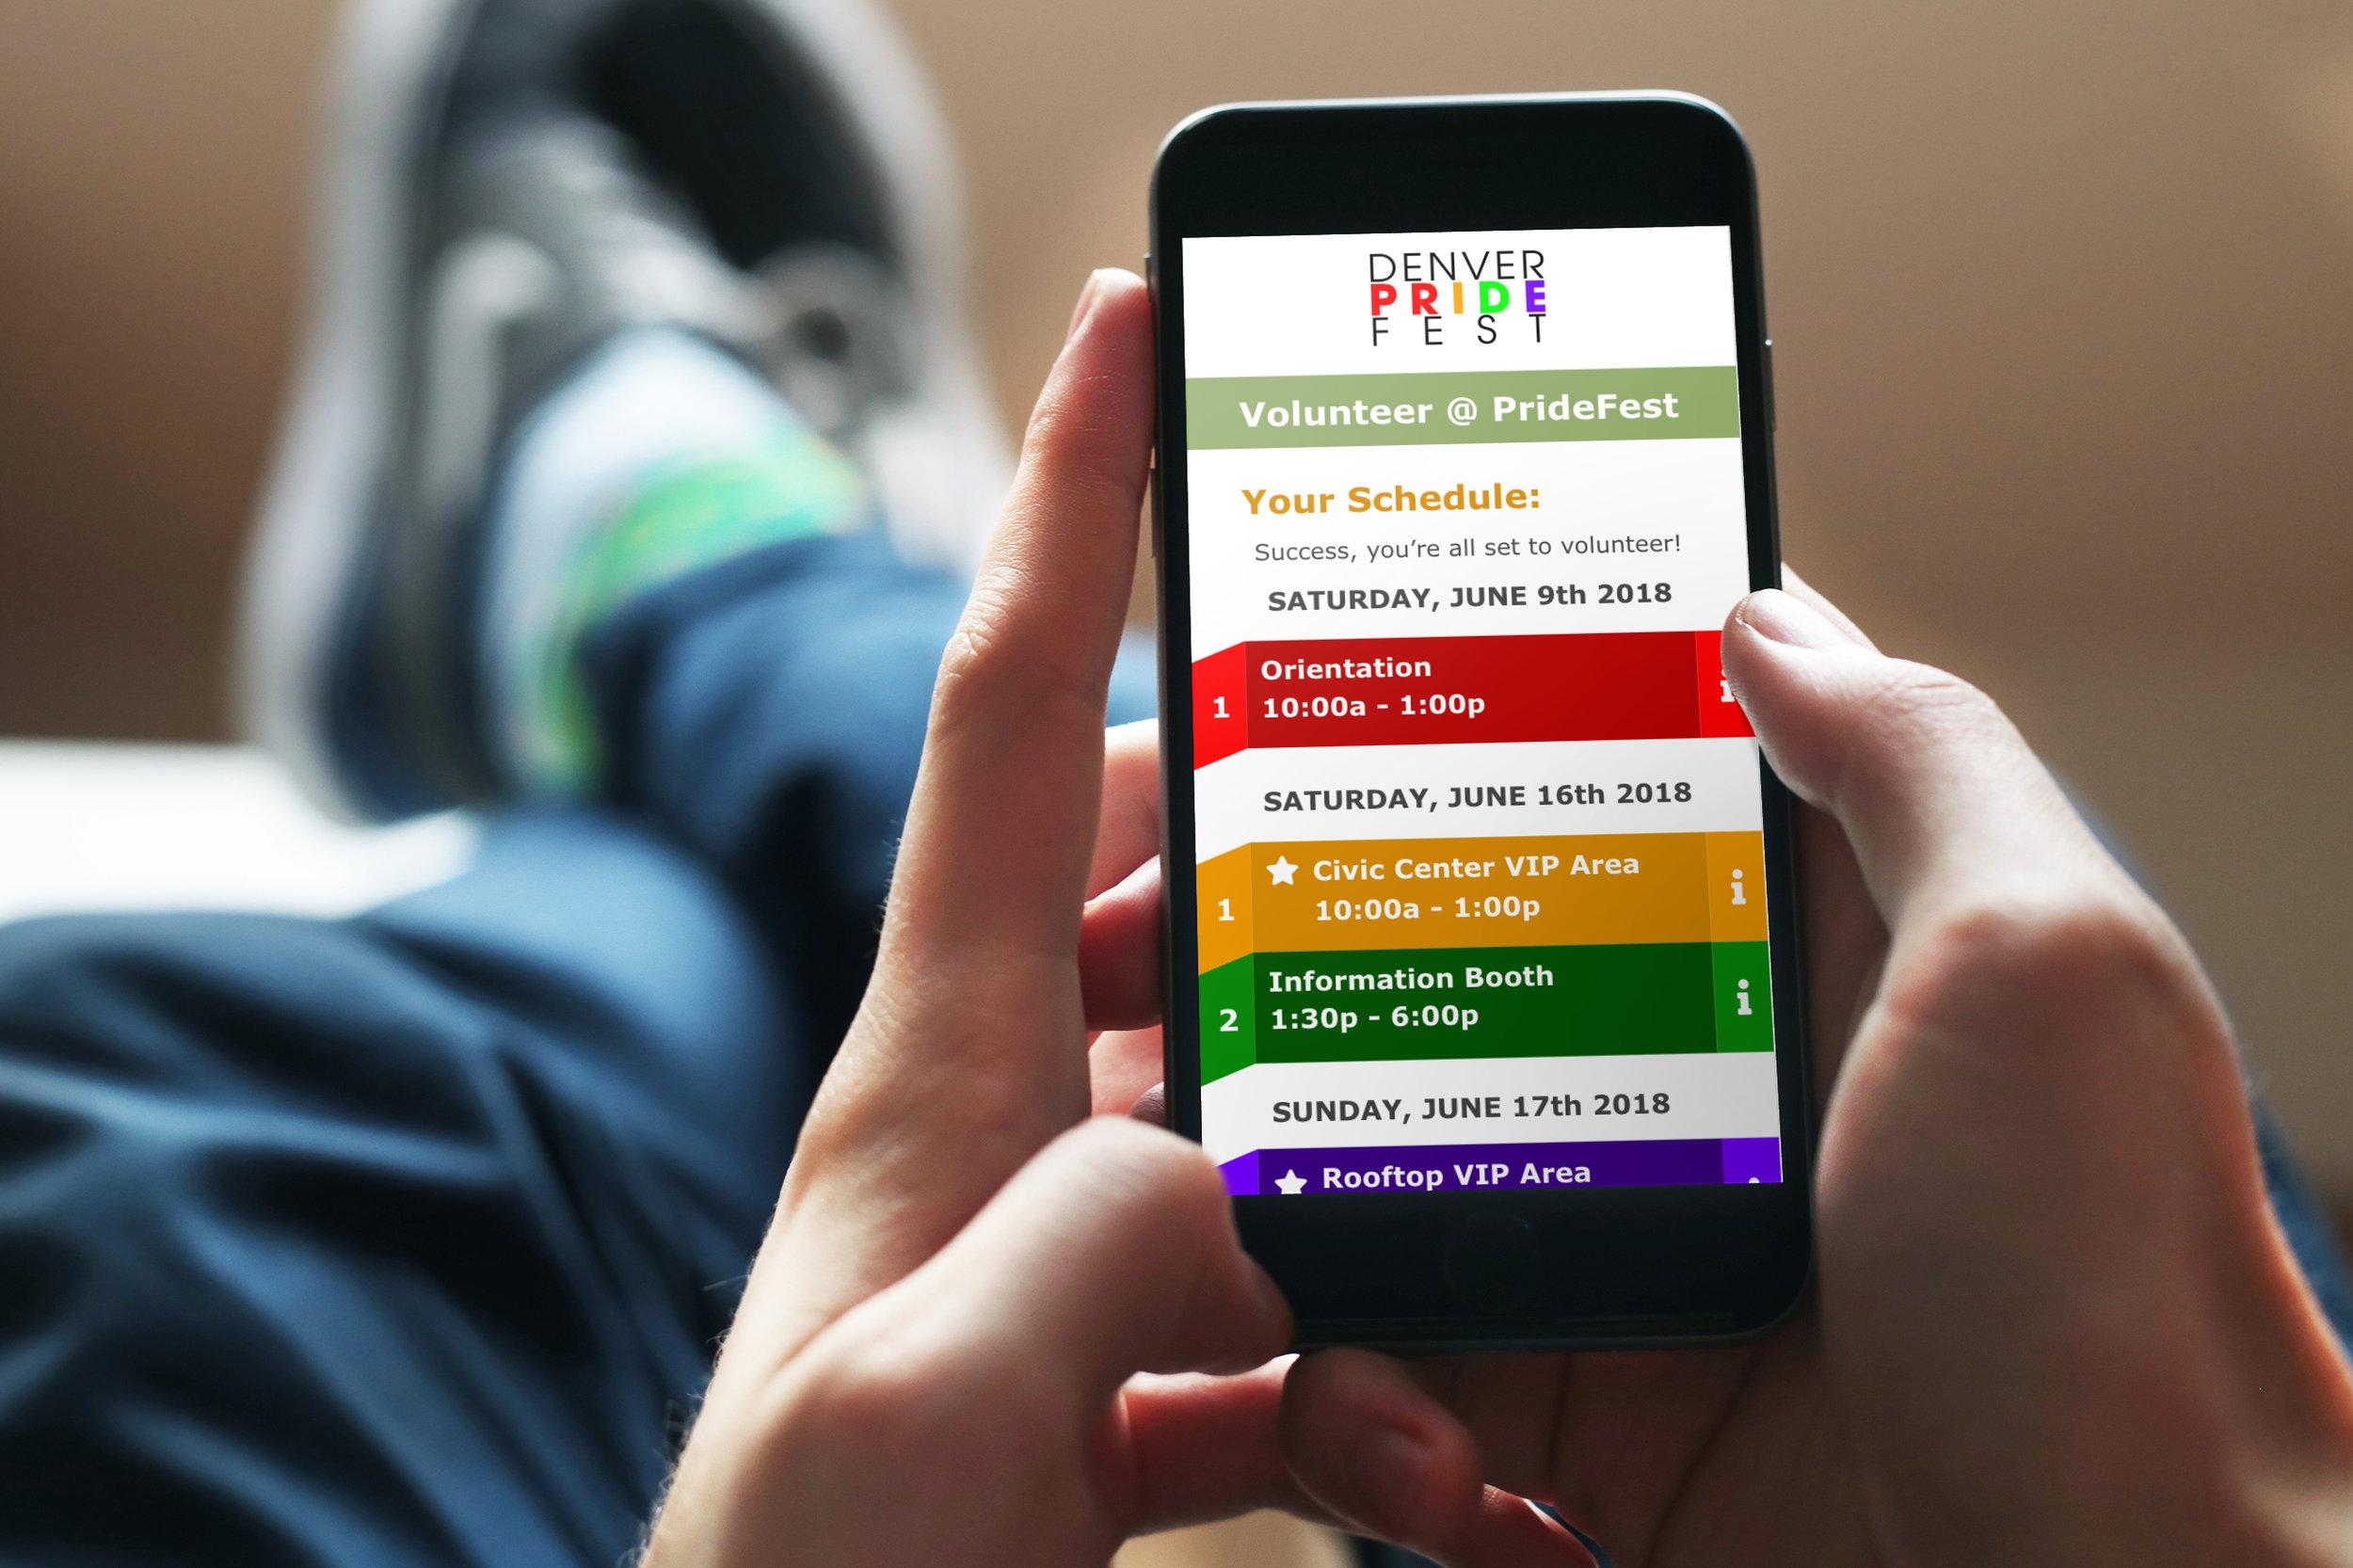 Denver PrideFest 2019 - Quick & easy sign-up to volunteer at Denver PrideFest 2019.